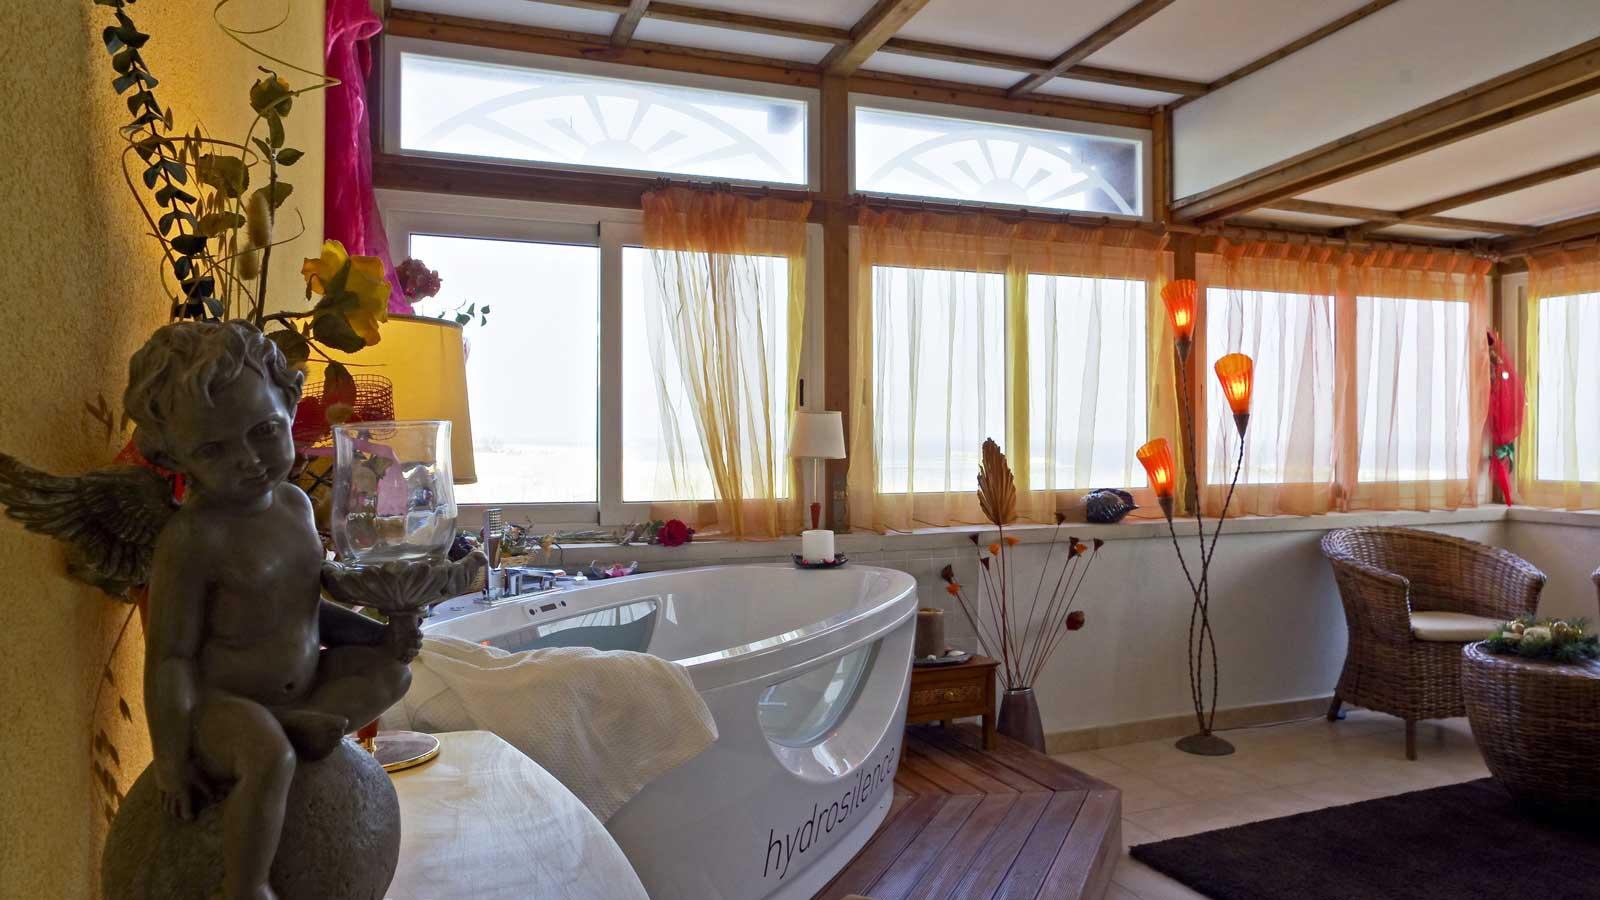 Camera Con Vasca Idromassaggio Per Due : Love suite: camera degli innamorati torre pedrera hotel estate